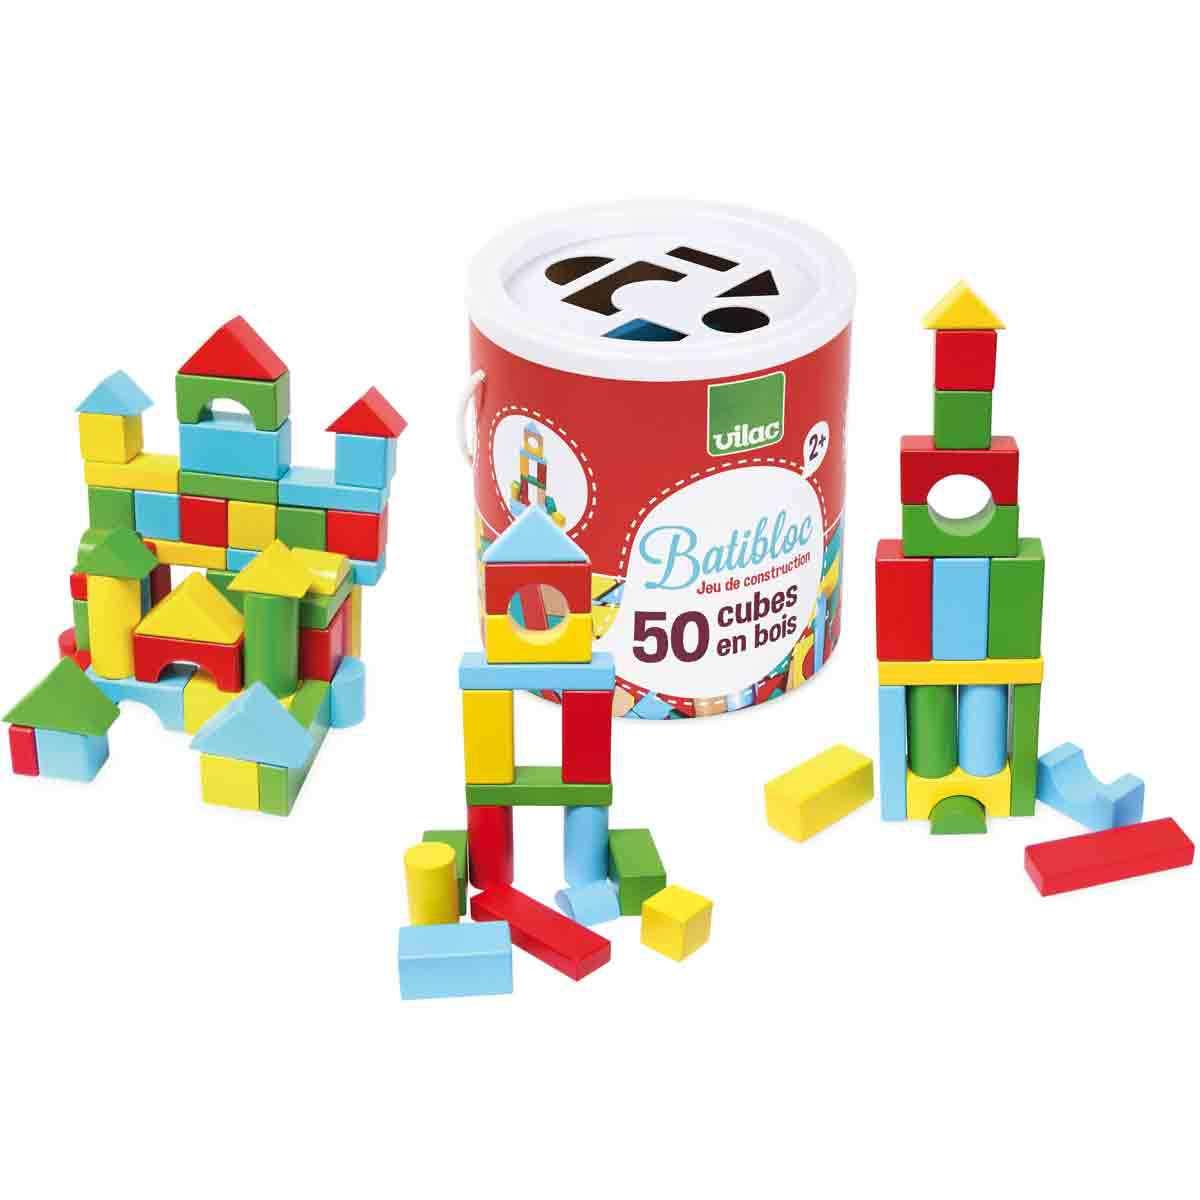 Mes premiers jouets Batibloc 50 Cubes en Bois Batibloc 50 Cubes en Bois